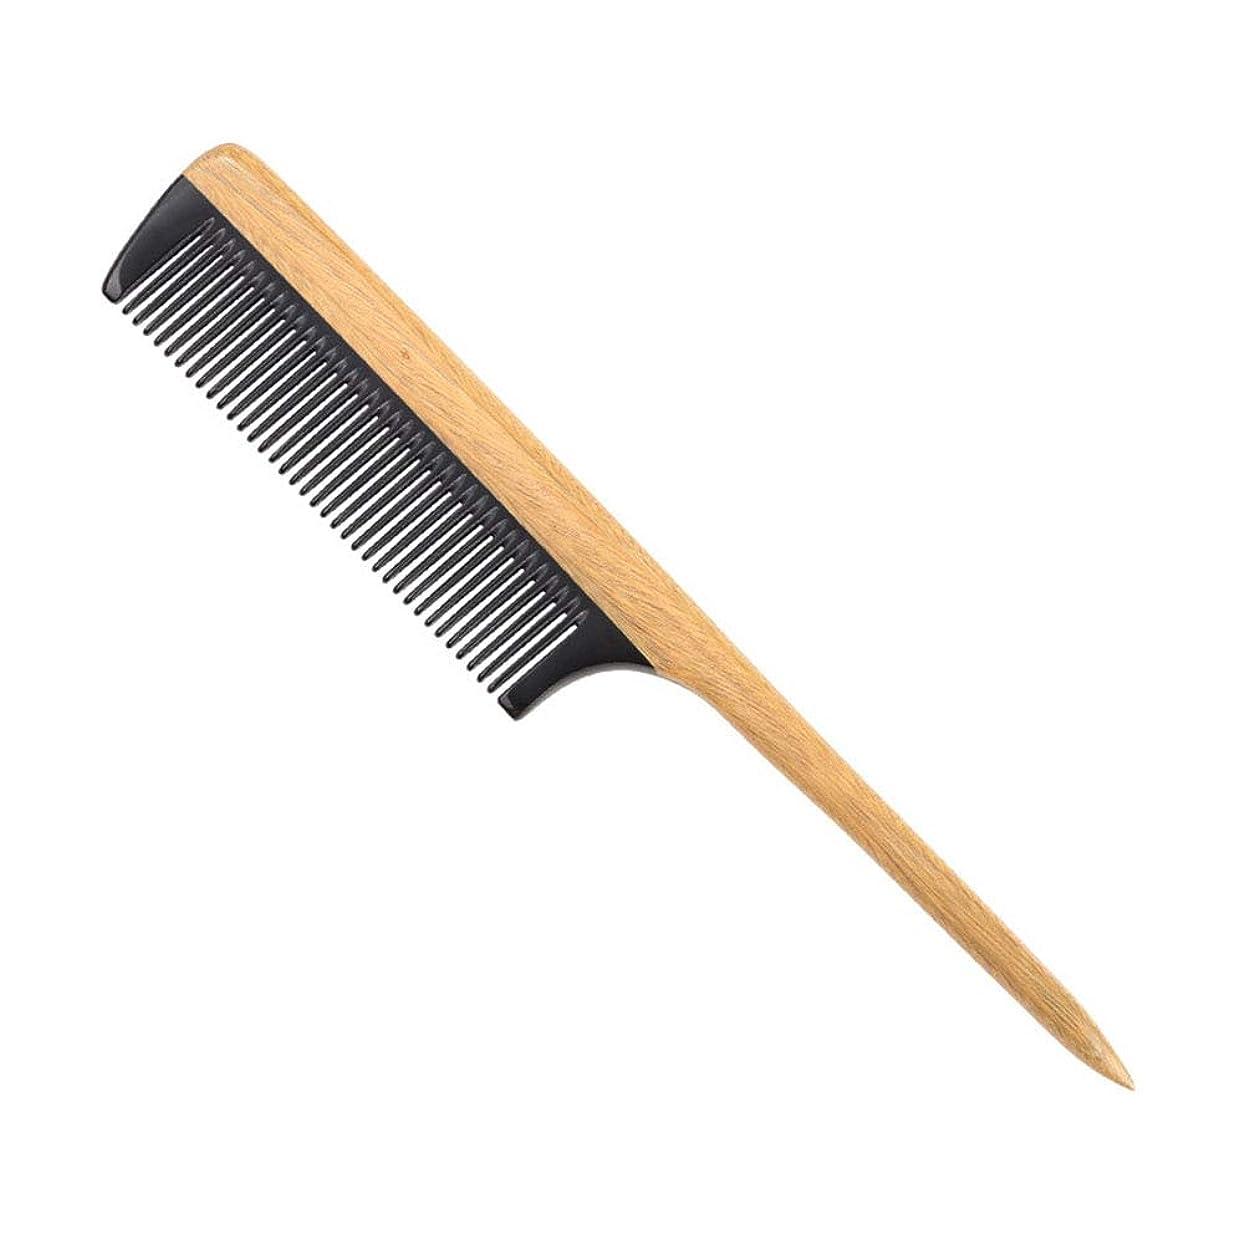 火曜日気候の山日没ヘアーコーム ニードルテールの櫛帯電防止耐熱美容師の特別な尖った櫛 理髪の櫛